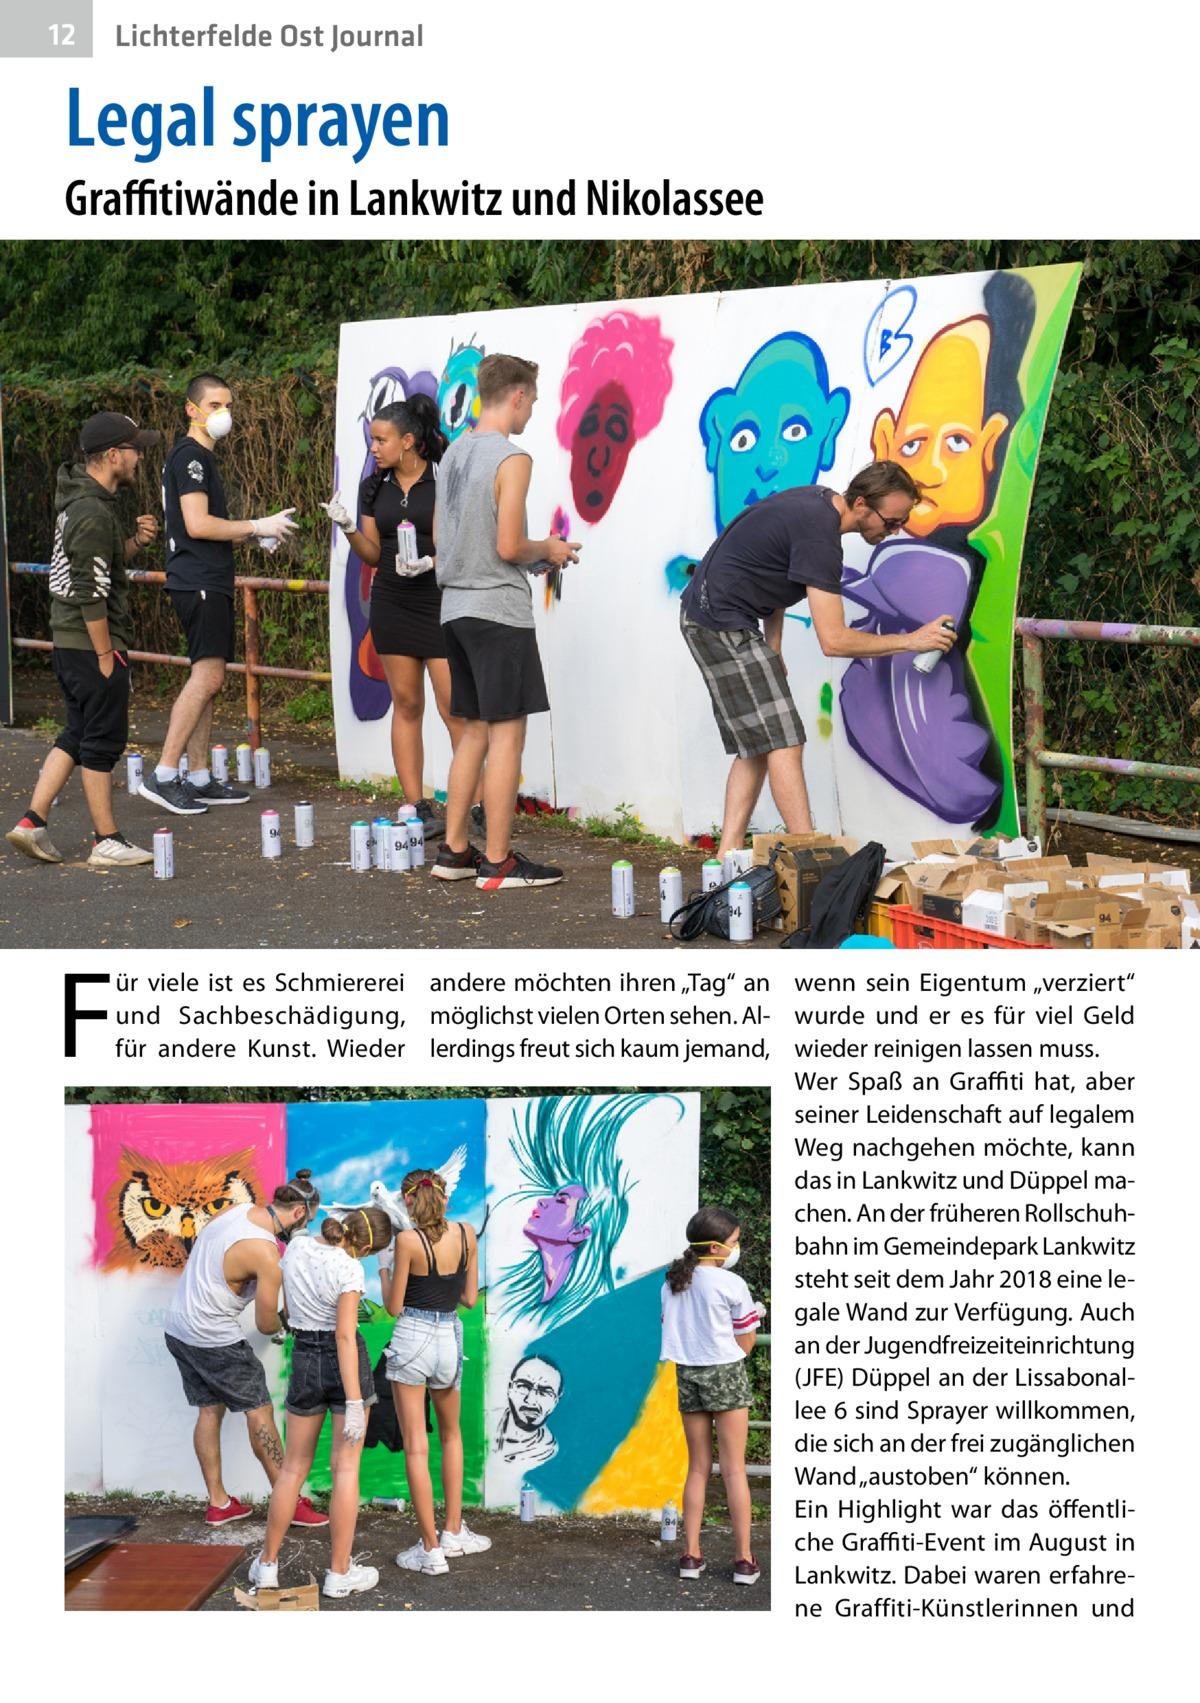 """12  Lichterfelde Ost Journal  Legal sprayen  Graffitiwände in Lankwitz und Nikolassee  F  ür viele ist es Schmiererei andere möchten ihren """"Tag"""" an wenn sein Eigentum """"verziert"""" und Sachbeschädigung, möglichst vielen Orten sehen. Al- wurde und er es für viel Geld für andere Kunst. Wieder lerdings freut sich kaum jemand, wieder reinigen lassen muss. Wer Spaß an Graffiti hat, aber seiner Leidenschaft auf legalem Weg nachgehen möchte, kann das in Lankwitz und Düppel machen. An der früheren Rollschuhbahn im Gemeindepark Lankwitz steht seit dem Jahr 2018 eine legale Wand zur Verfügung. Auch an der Jugendfreizeiteinrichtung (JFE) Düppel an der Lissabonallee 6 sind Sprayer willkommen, die sich an der frei zugänglichen Wand """"austoben"""" können. Ein Highlight war das öffentliche Graffiti-Event im August in Lankwitz. Dabei waren erfahrene Graffiti-Künstlerinnen und"""